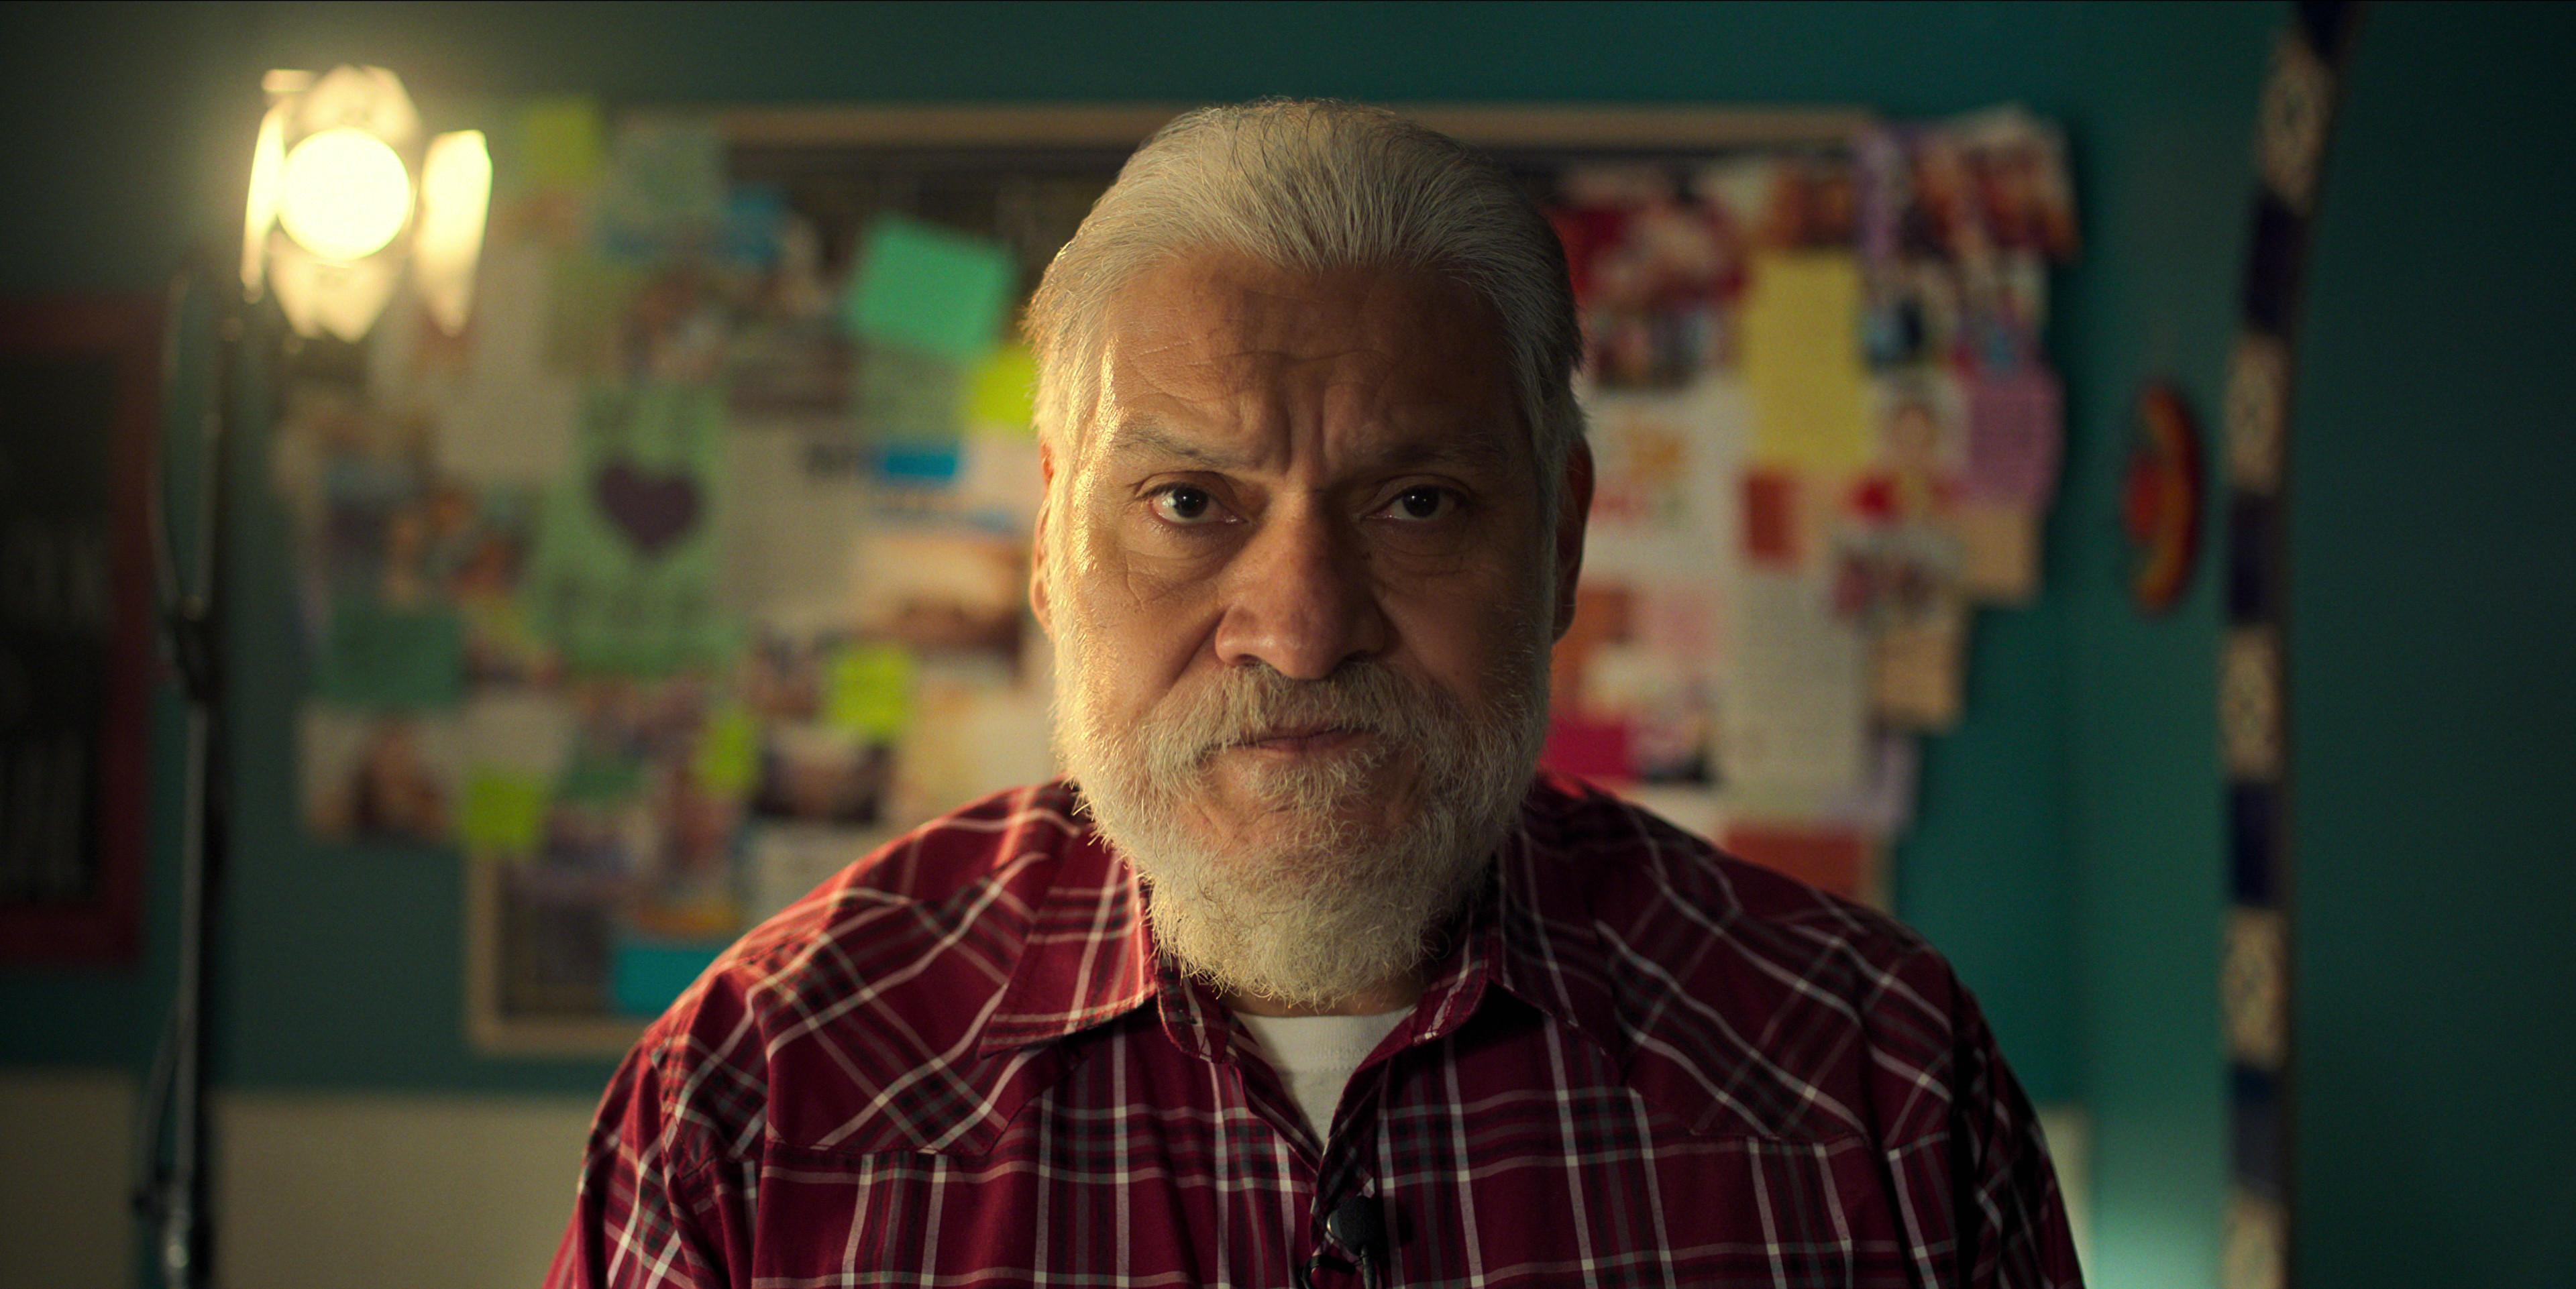 Gentefied Season 2. Joaquín Cosío as Casimiro, in Gentefied Season 2. COURTESY OF NETFLIX/Netflix © 2021